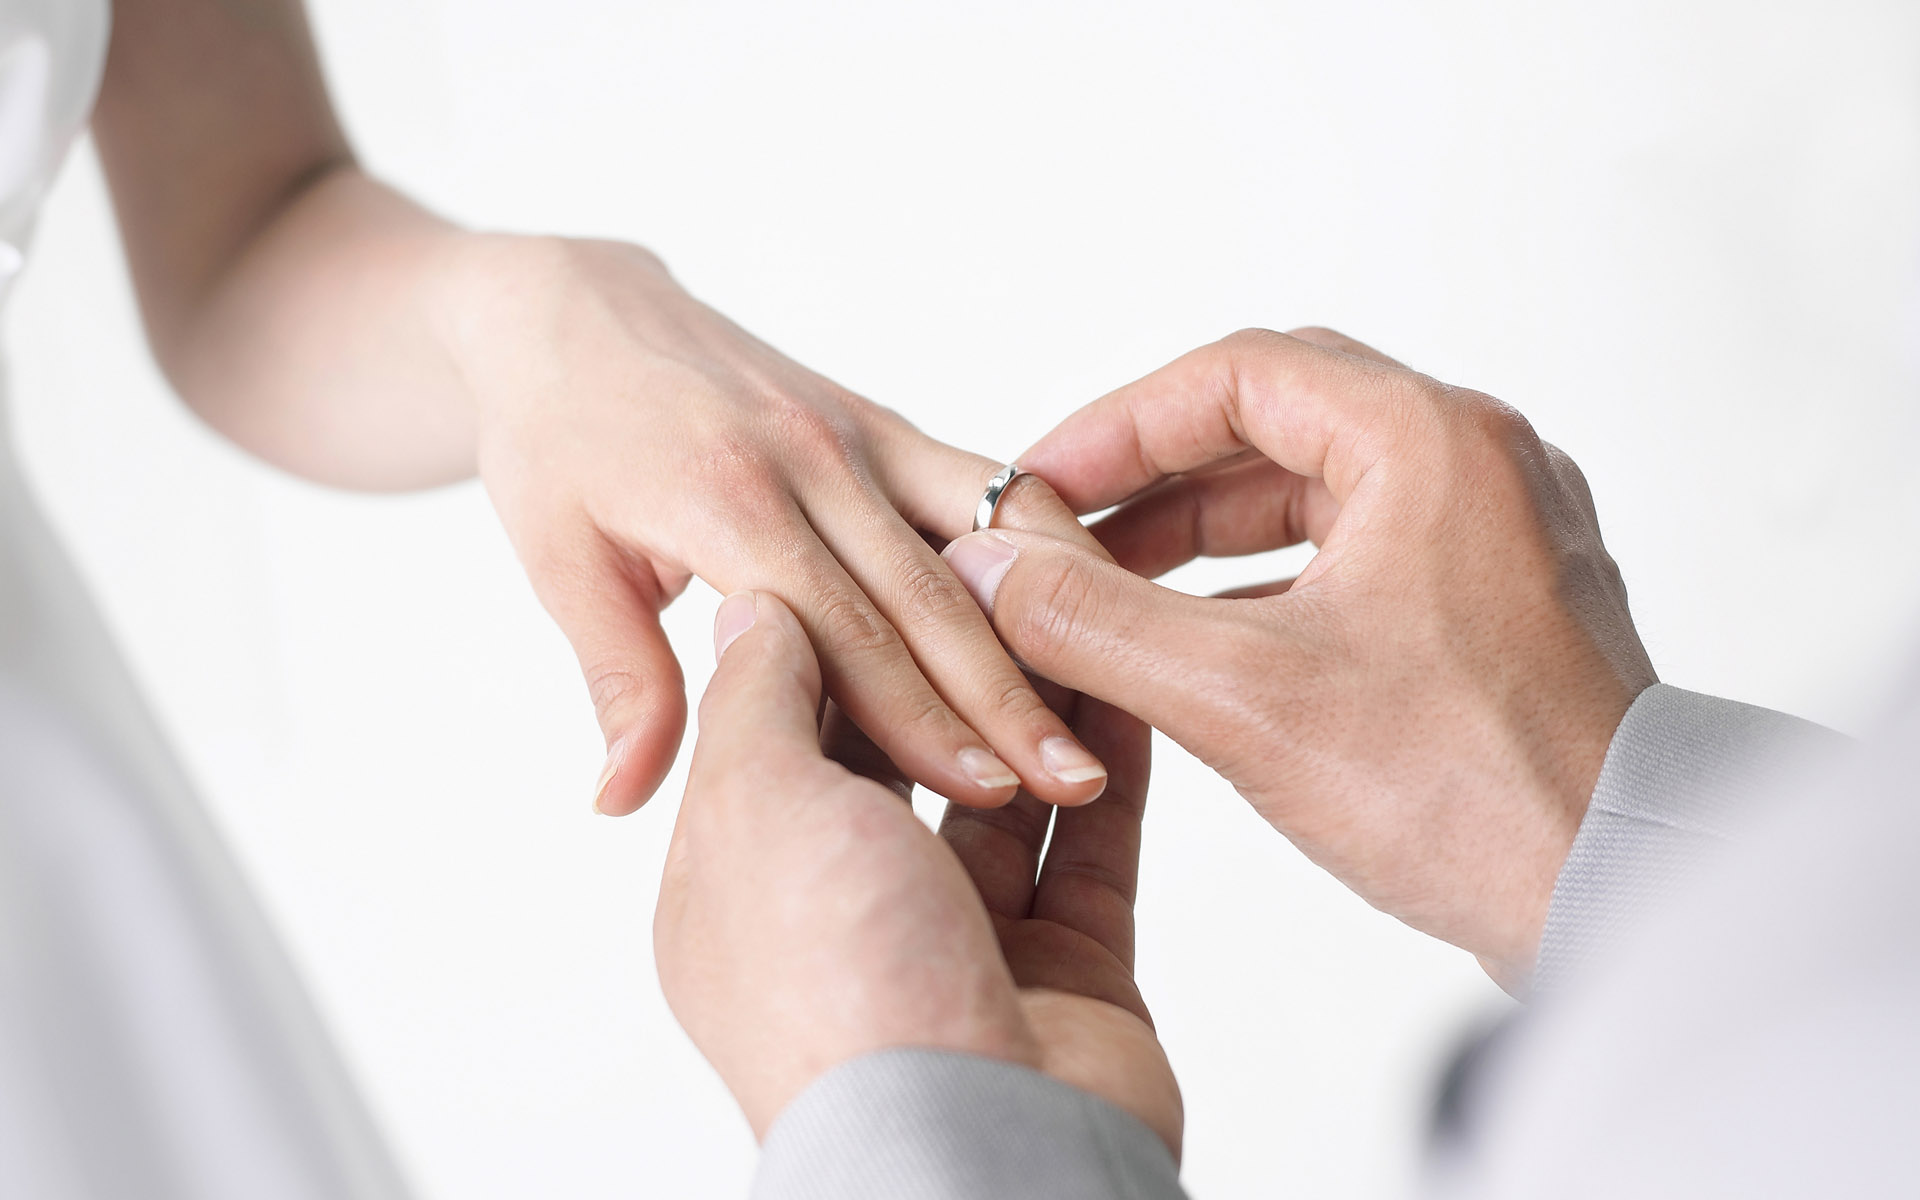 можно ли вернуть мужа с помощью обручального кольца